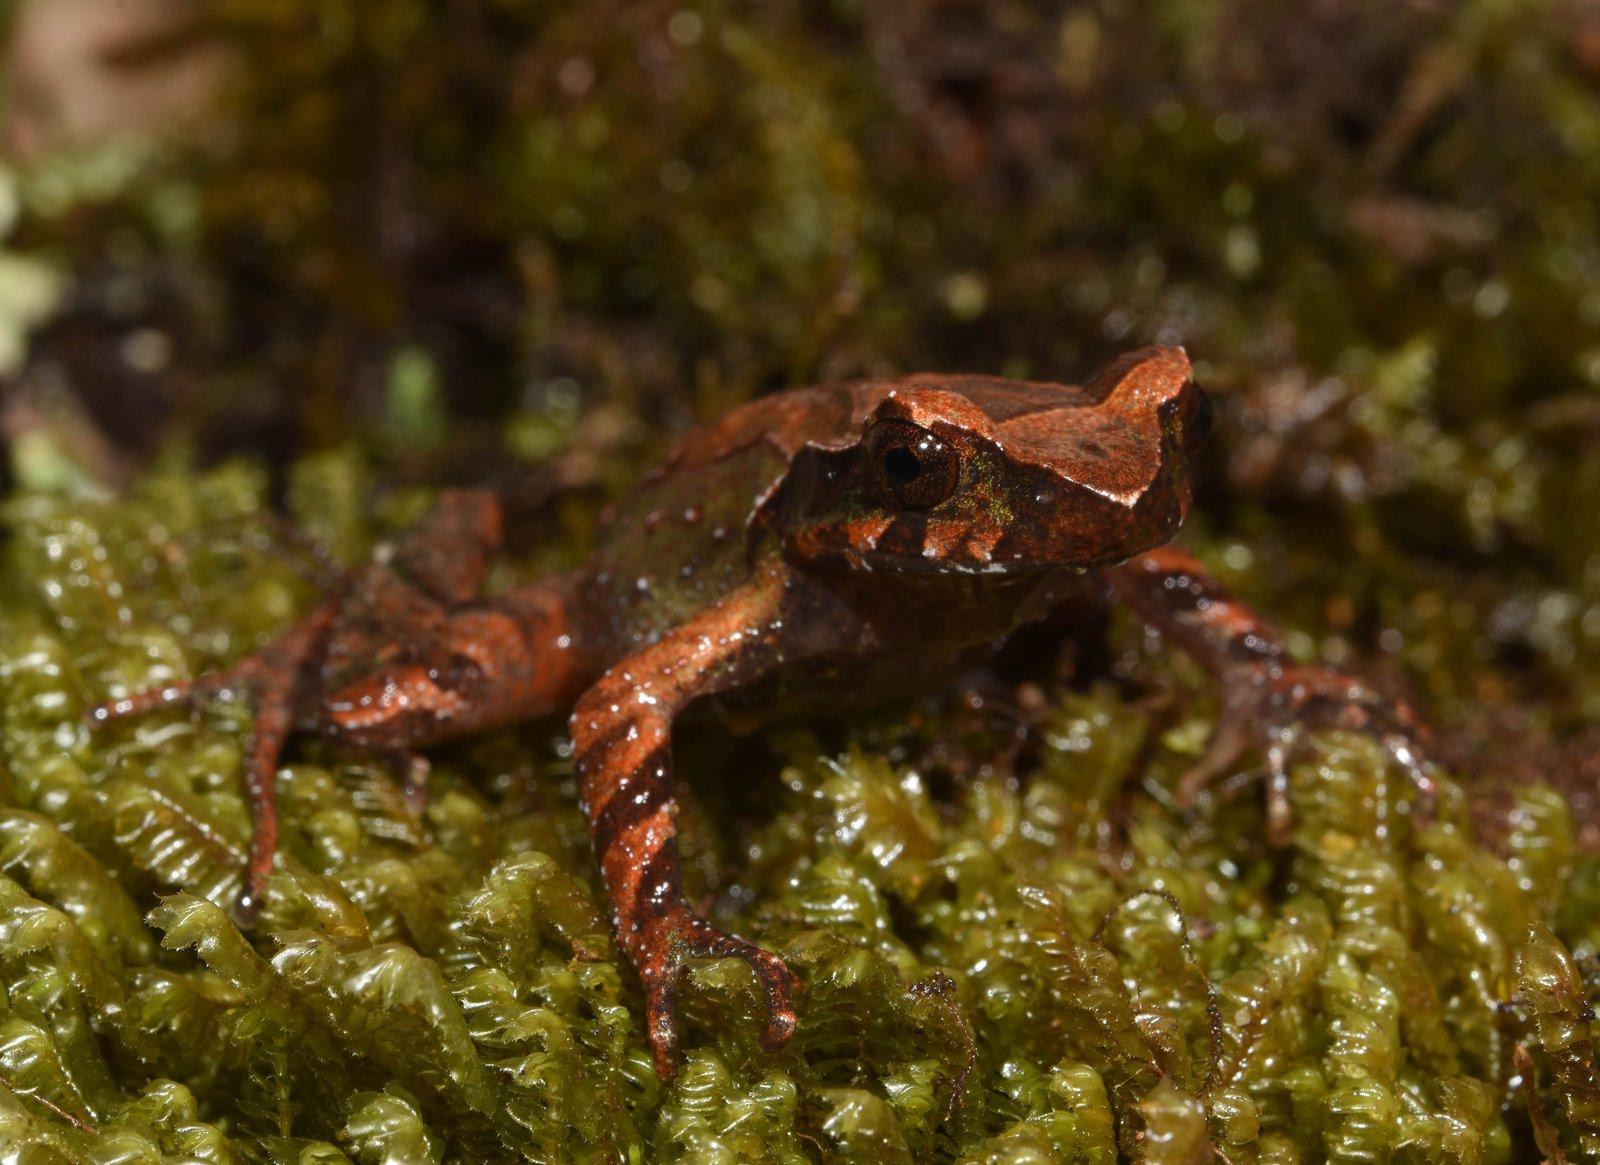 Mount Ky Quan San Horned Frog